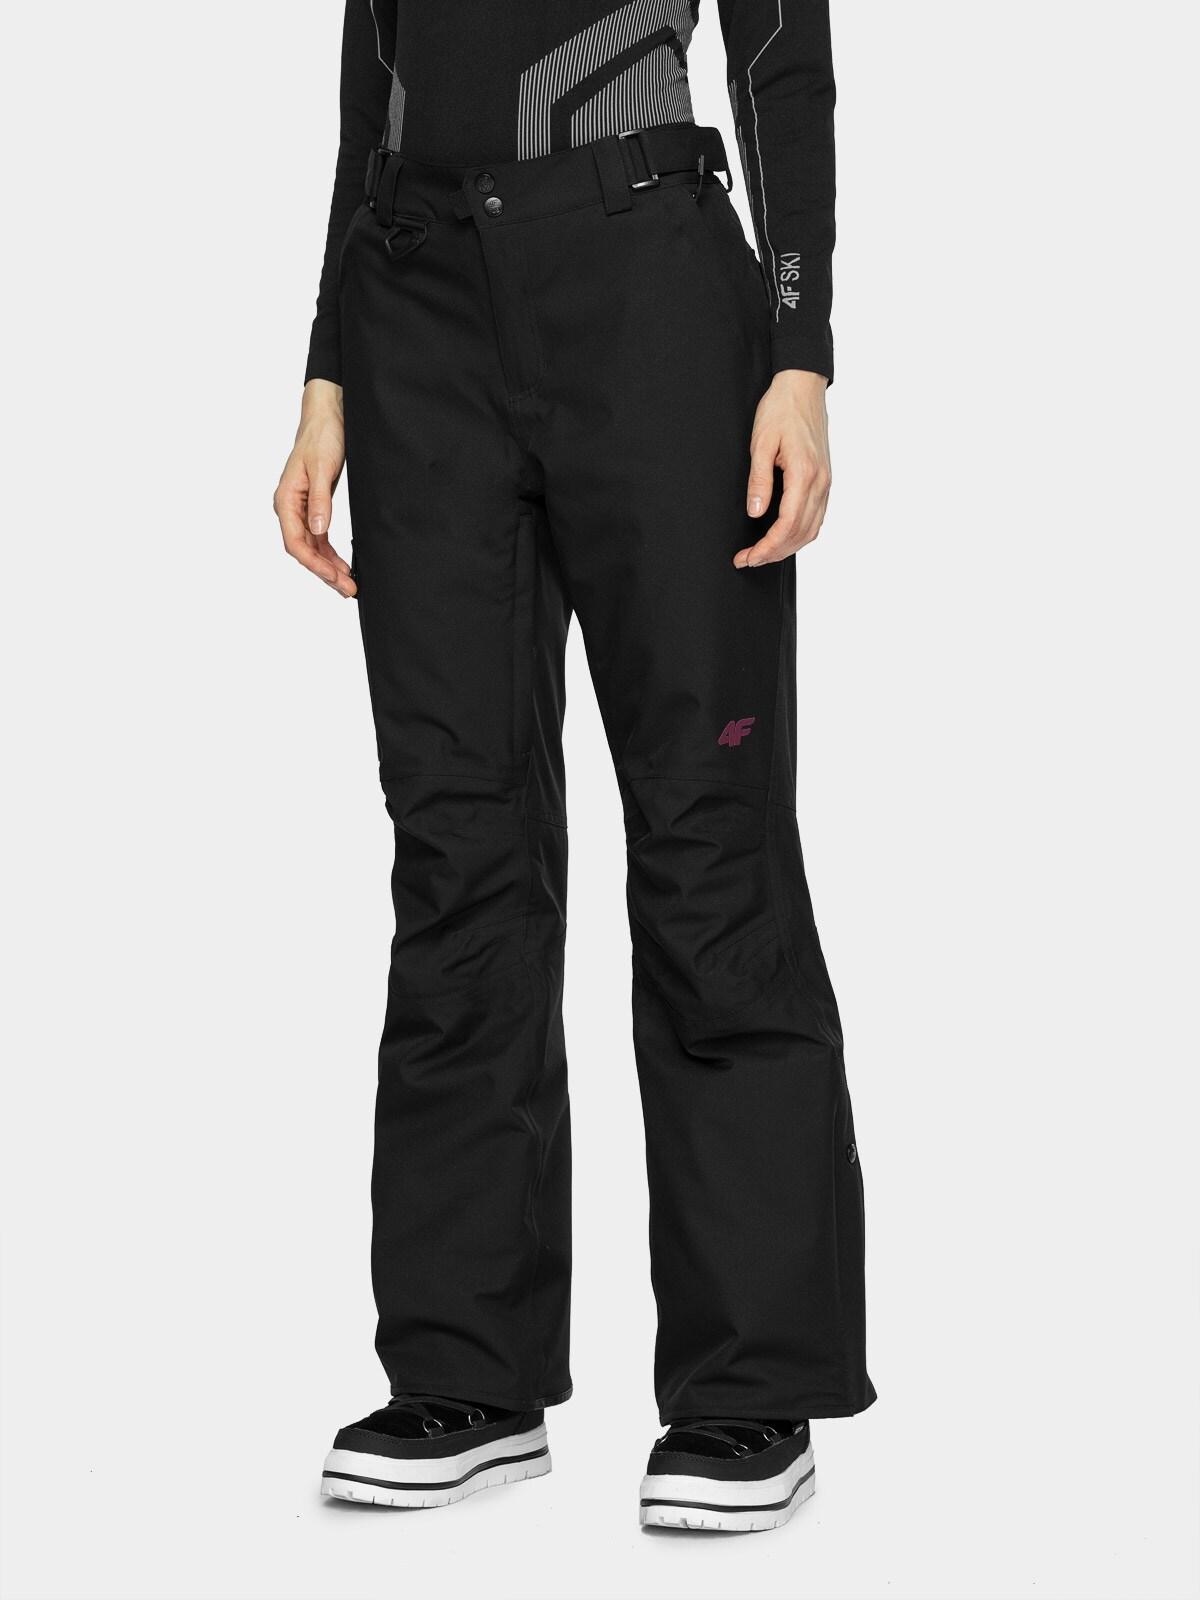 Spodnie snowboardowe damskie